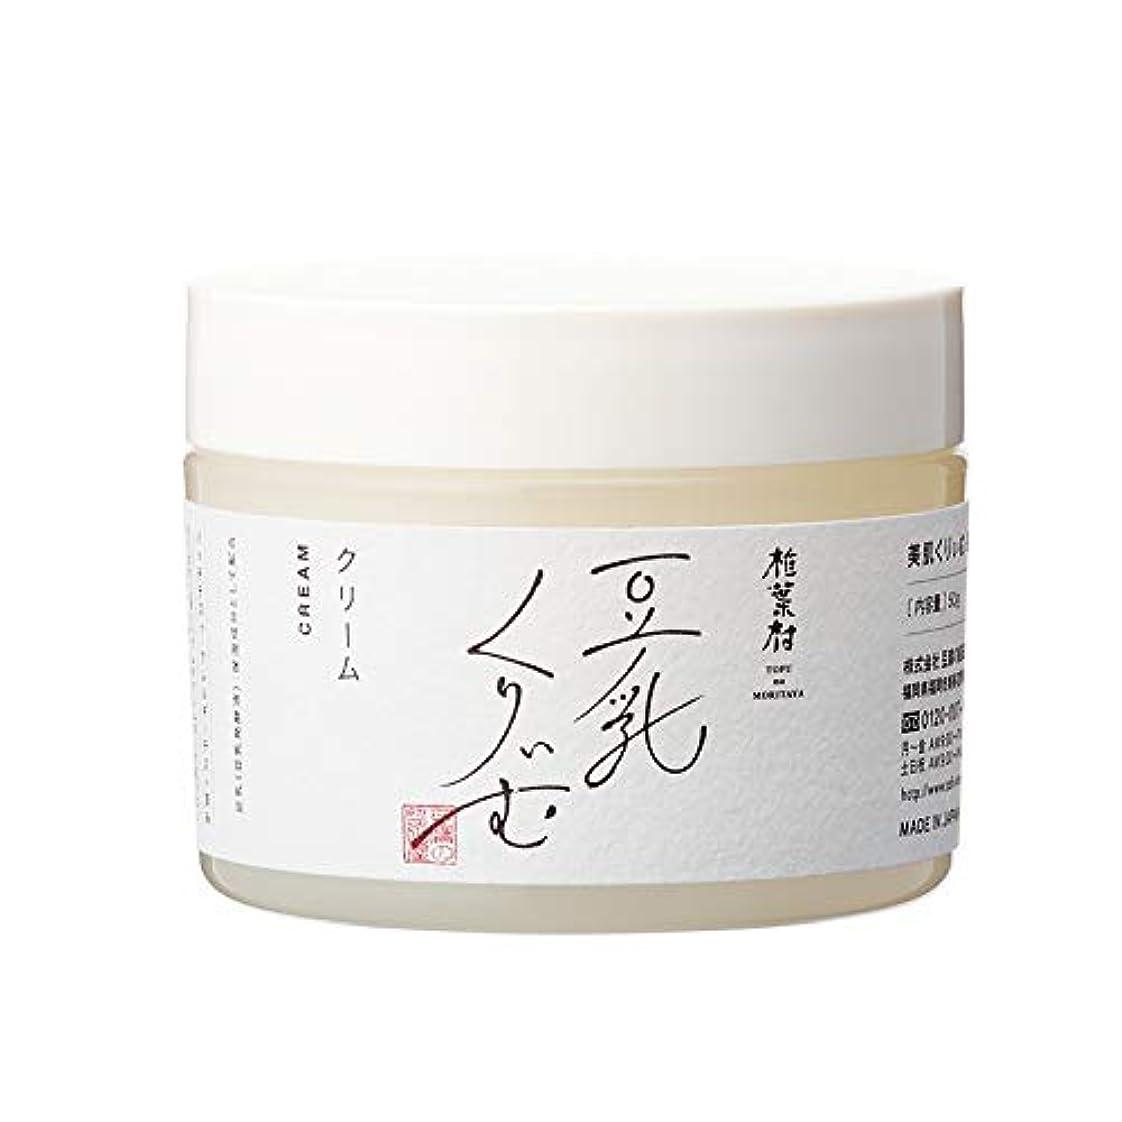 ムスタチオスキーム市場豆腐の盛田屋 豆乳くりぃむ 自然生活 50g